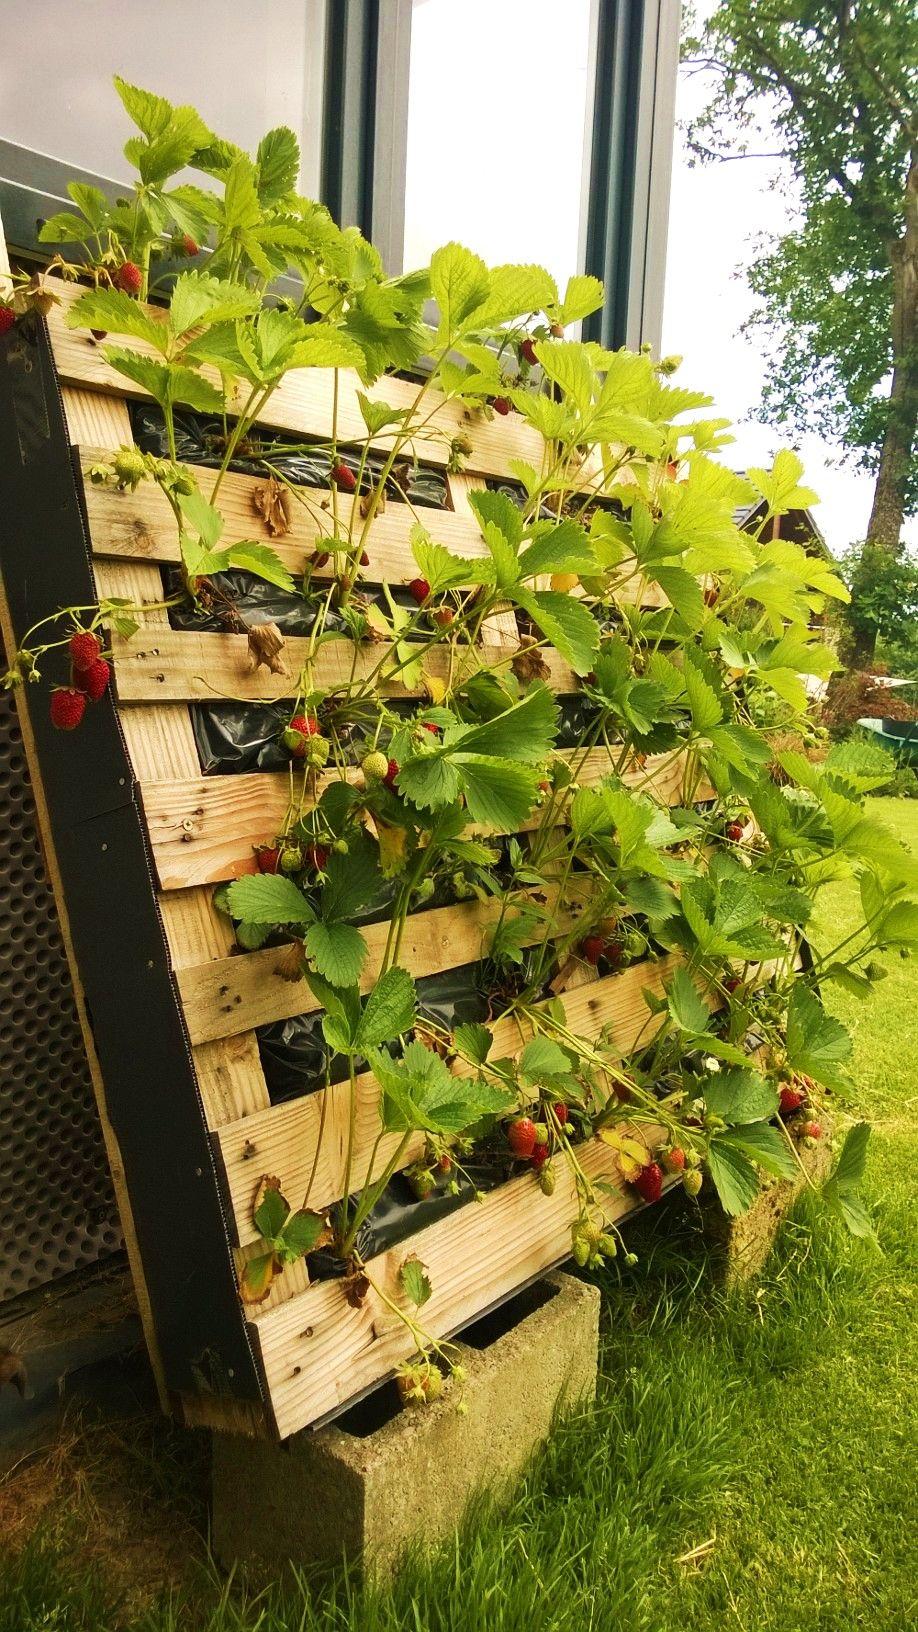 Comment Arroser Mes Plantes Pendant Les Vacances des fraisiers sans limaces | petit potager, idées jardin